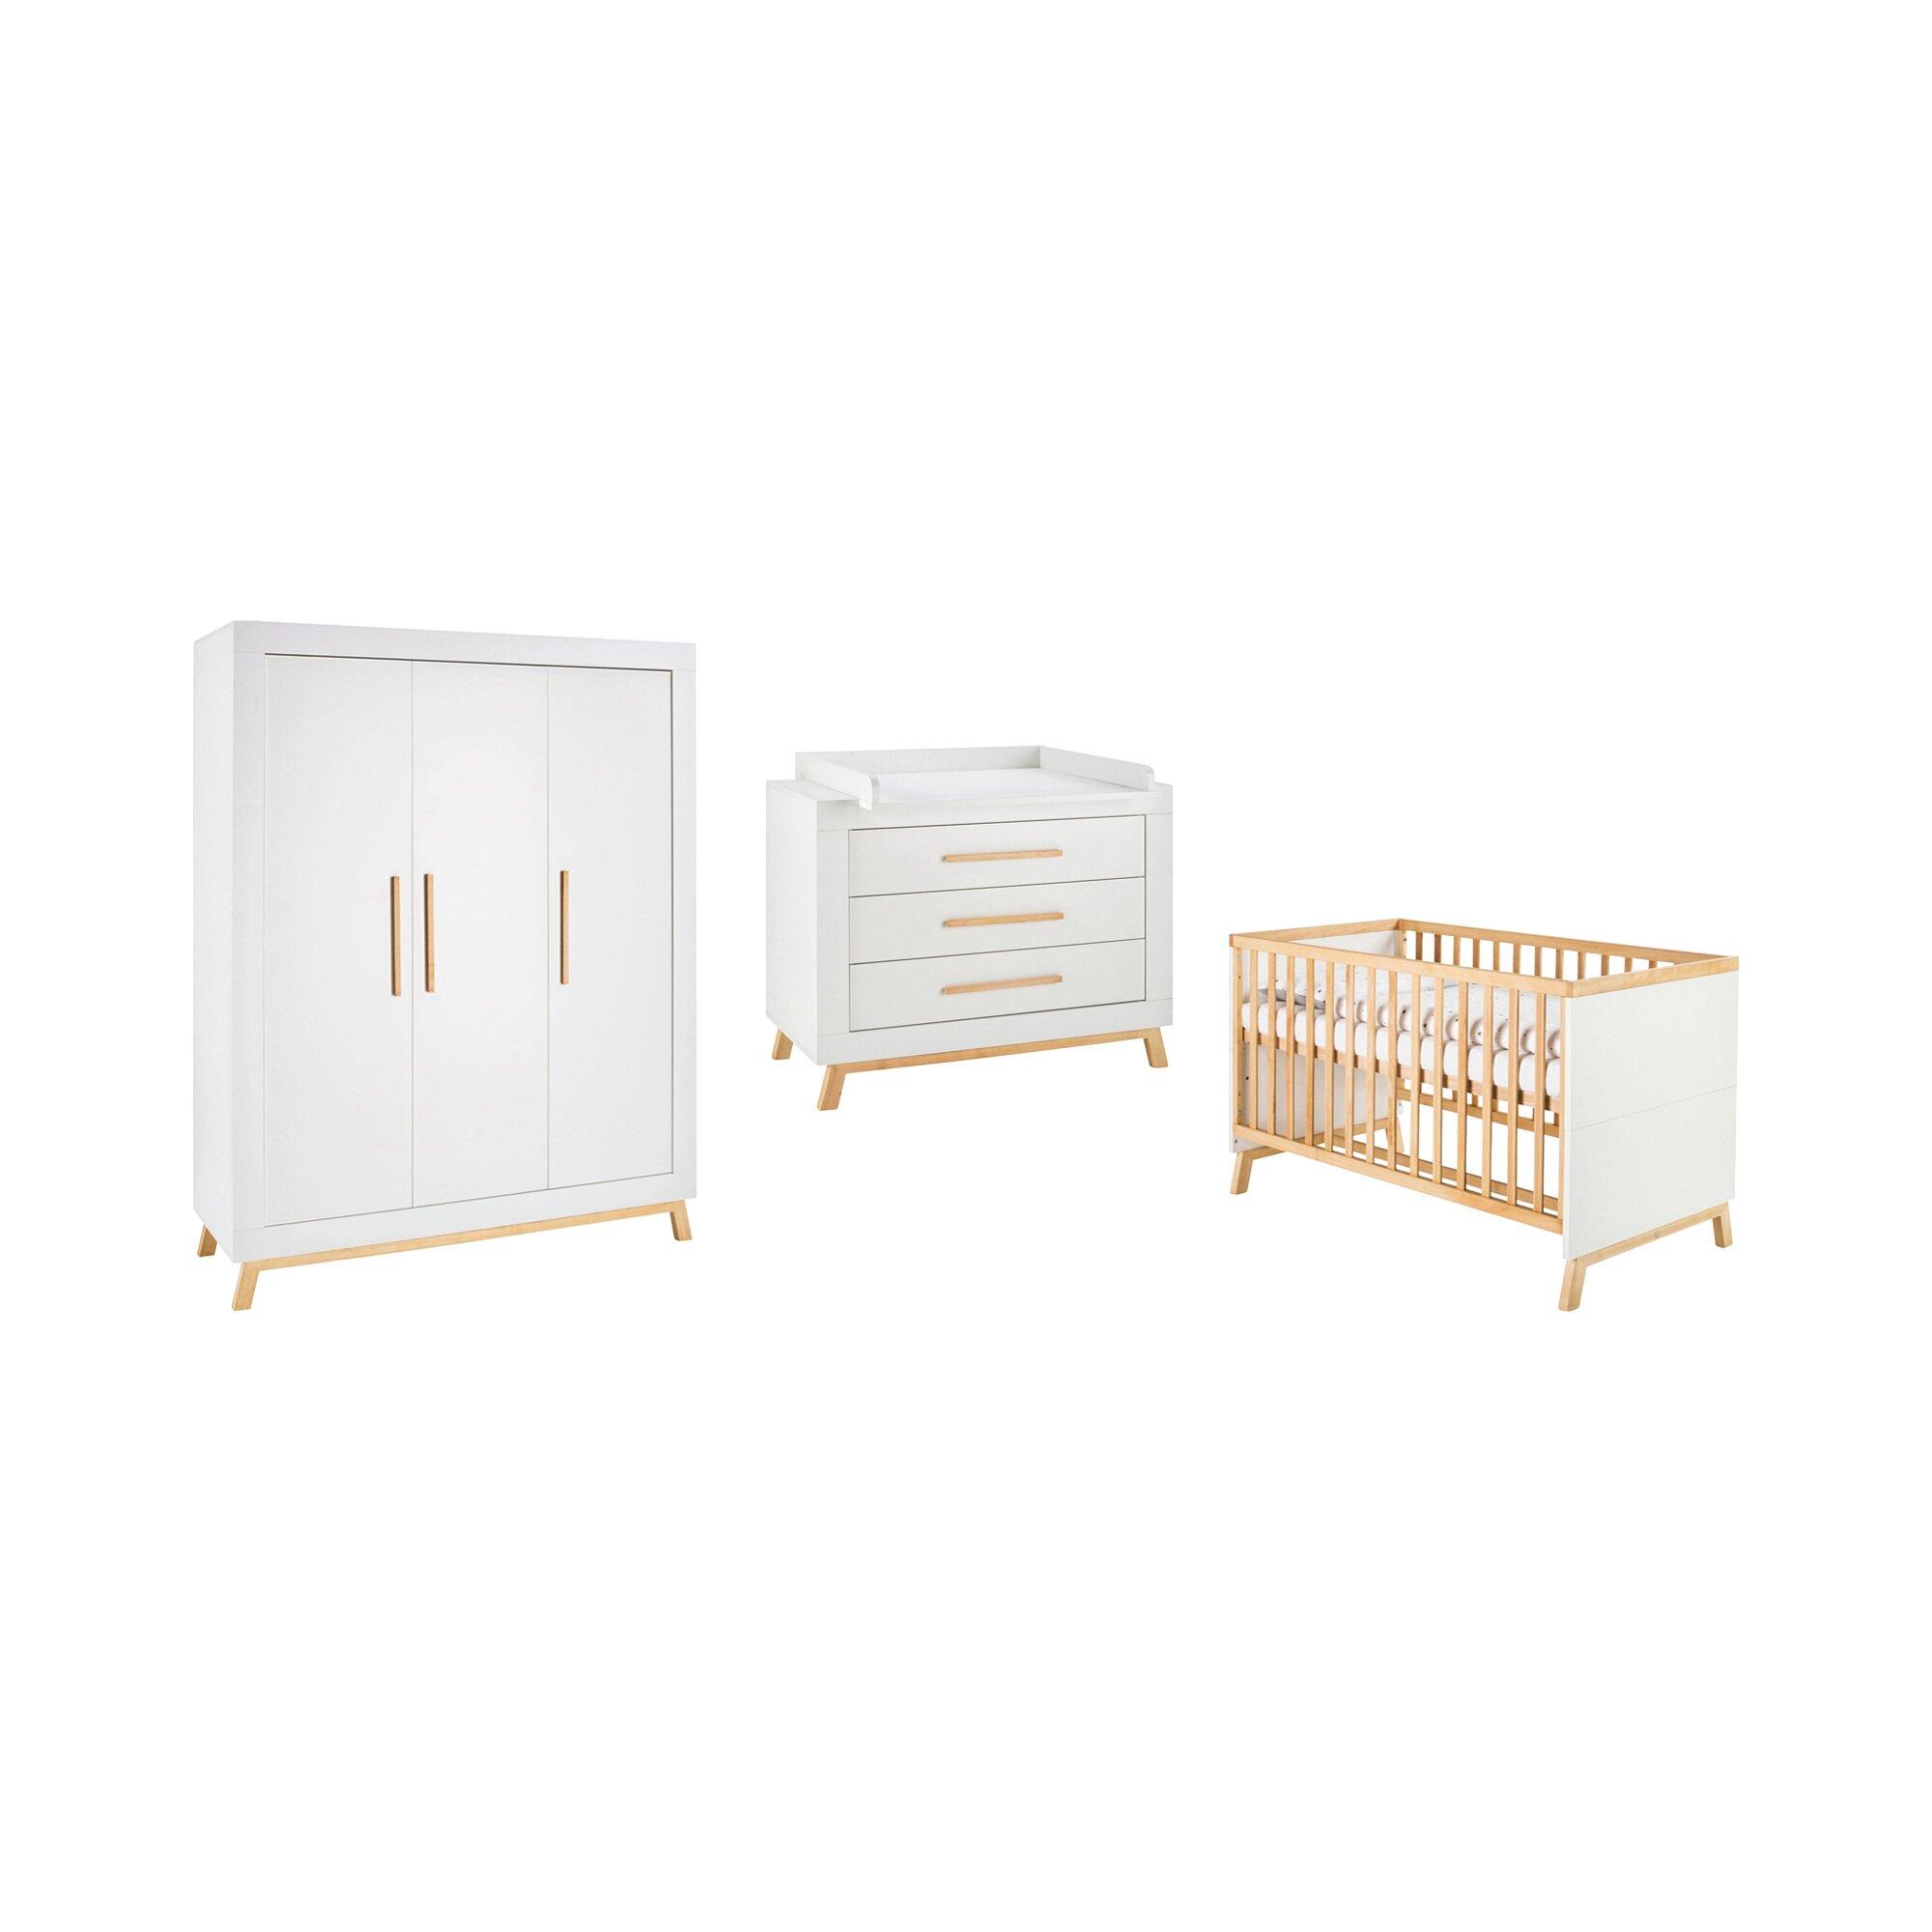 schardt-3-tlg-babyzimmer-miami-white-mit-3-turigem-kleiderschrank